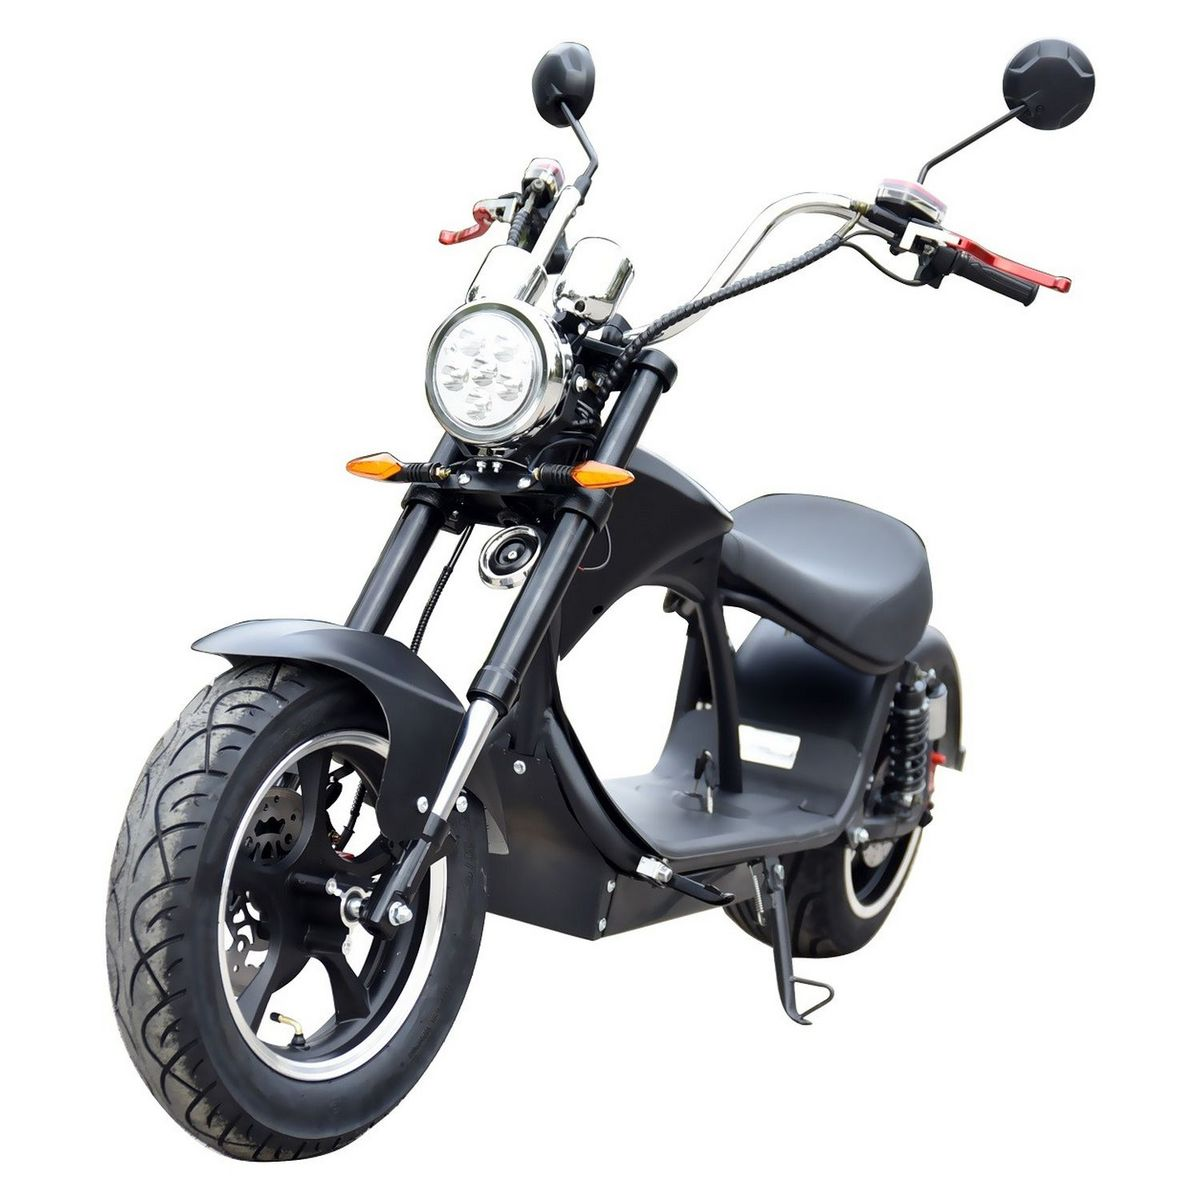 Scooter électrique noir - Coco XXXL